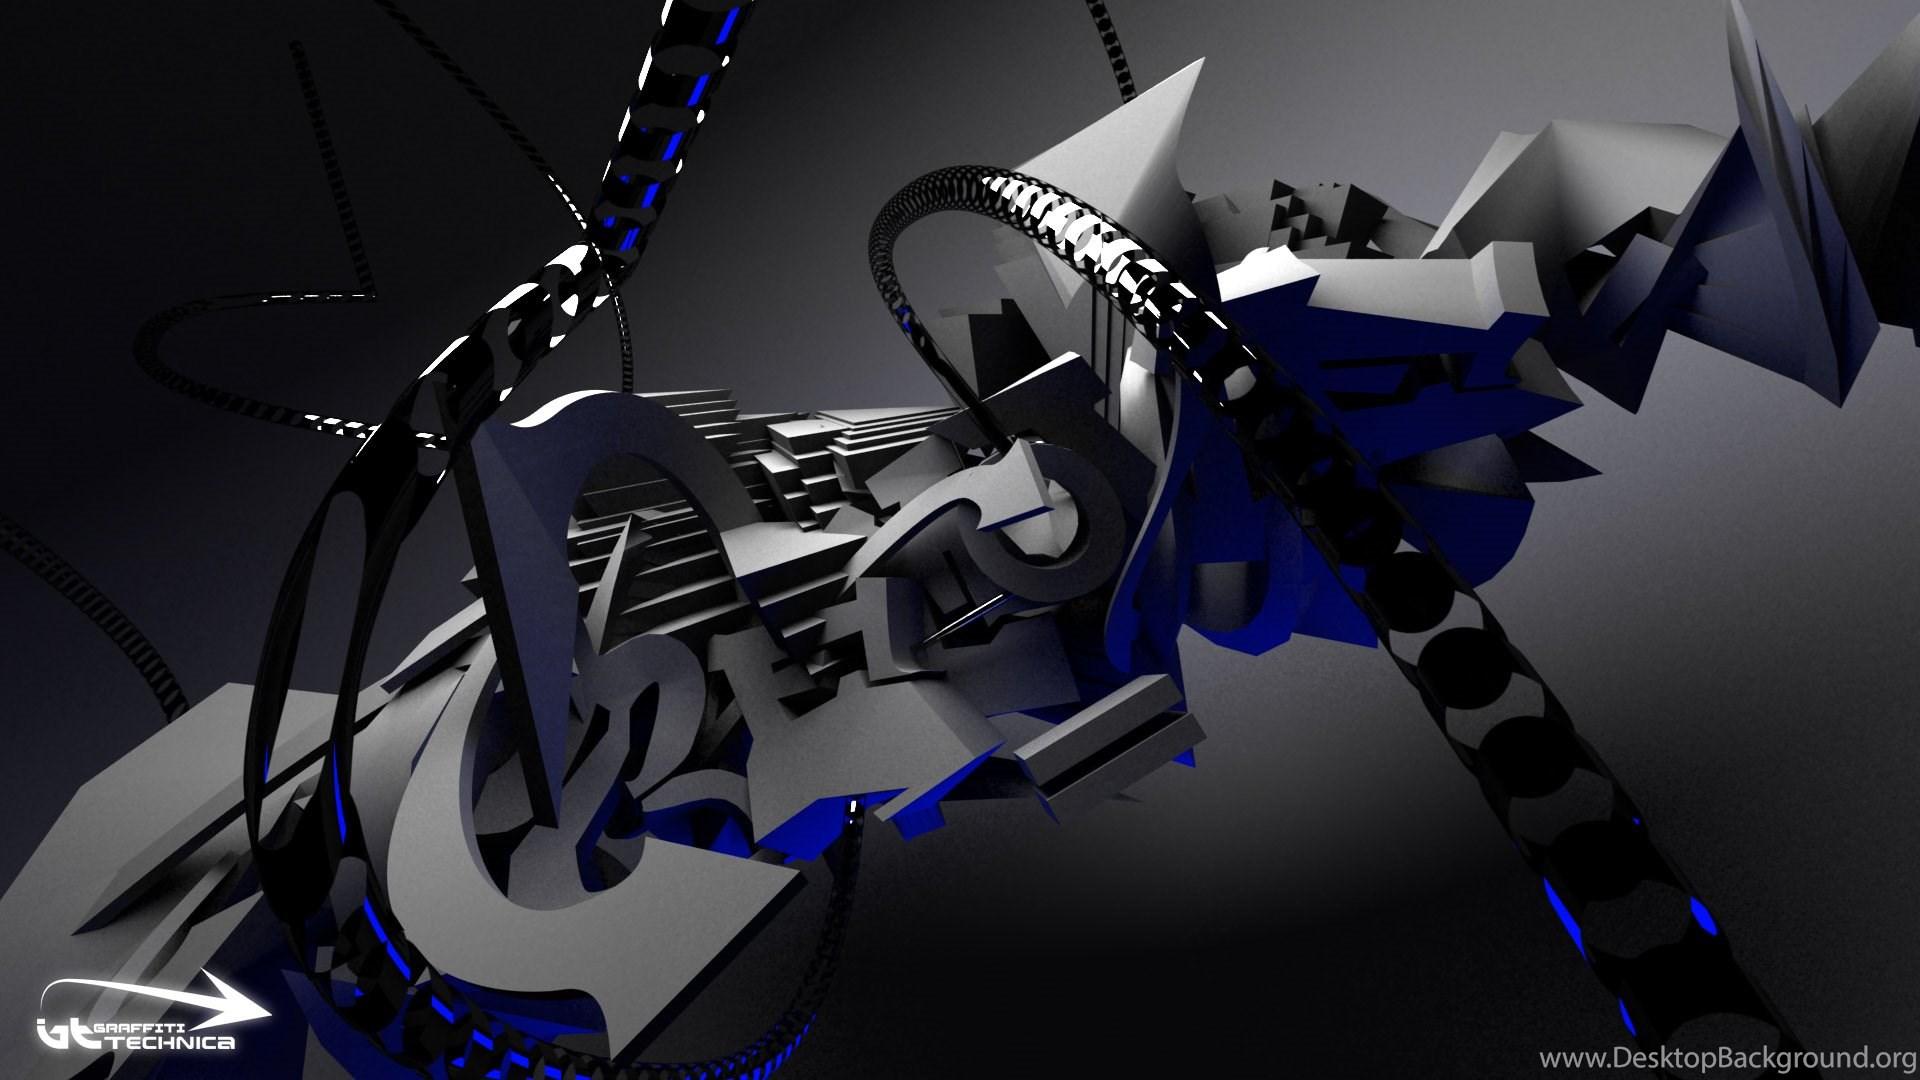 Wallpapers 3d Graffiti Desktop Background